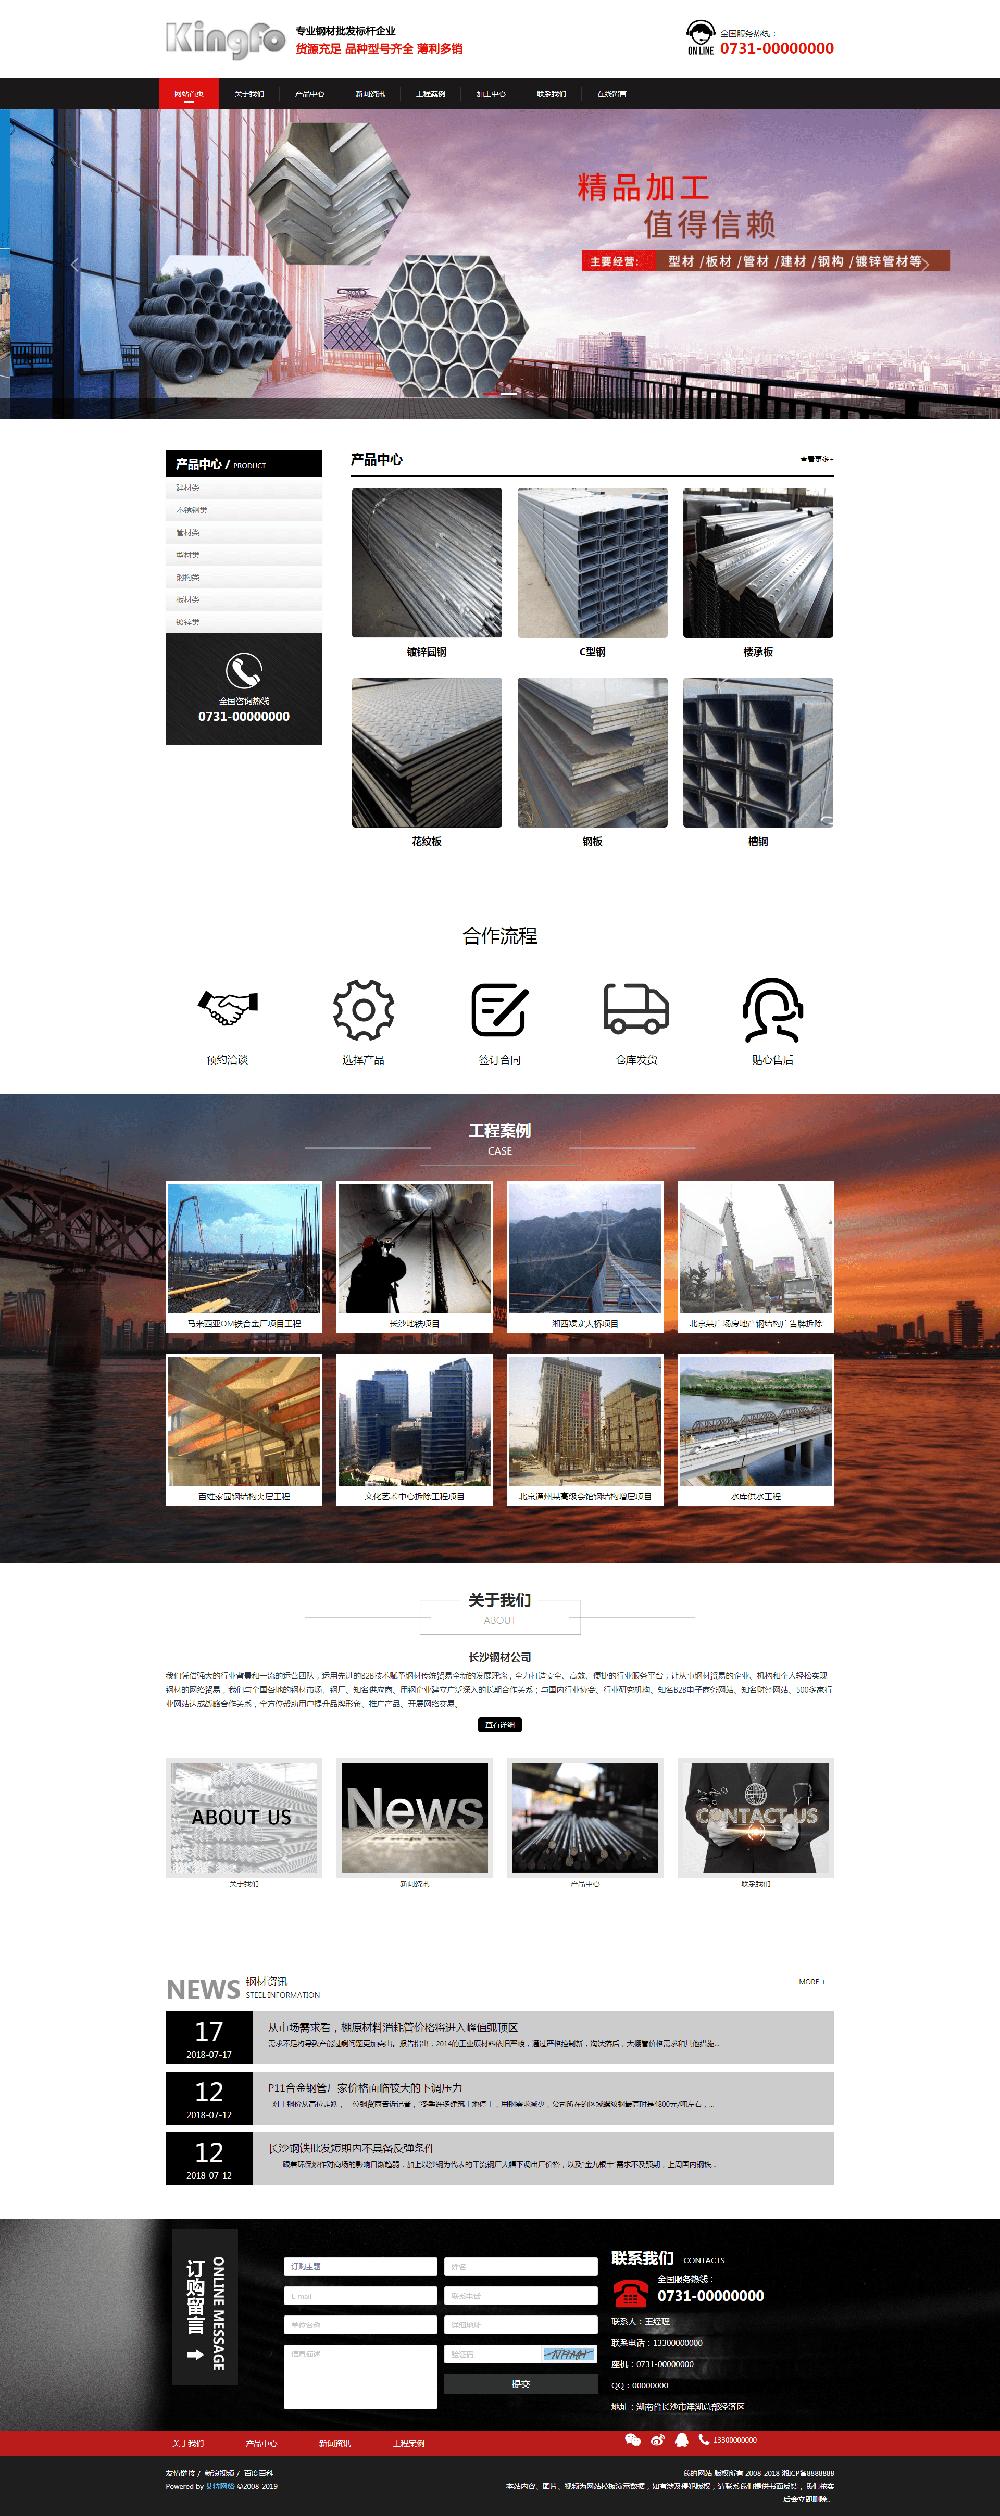 钢材企业网站.png